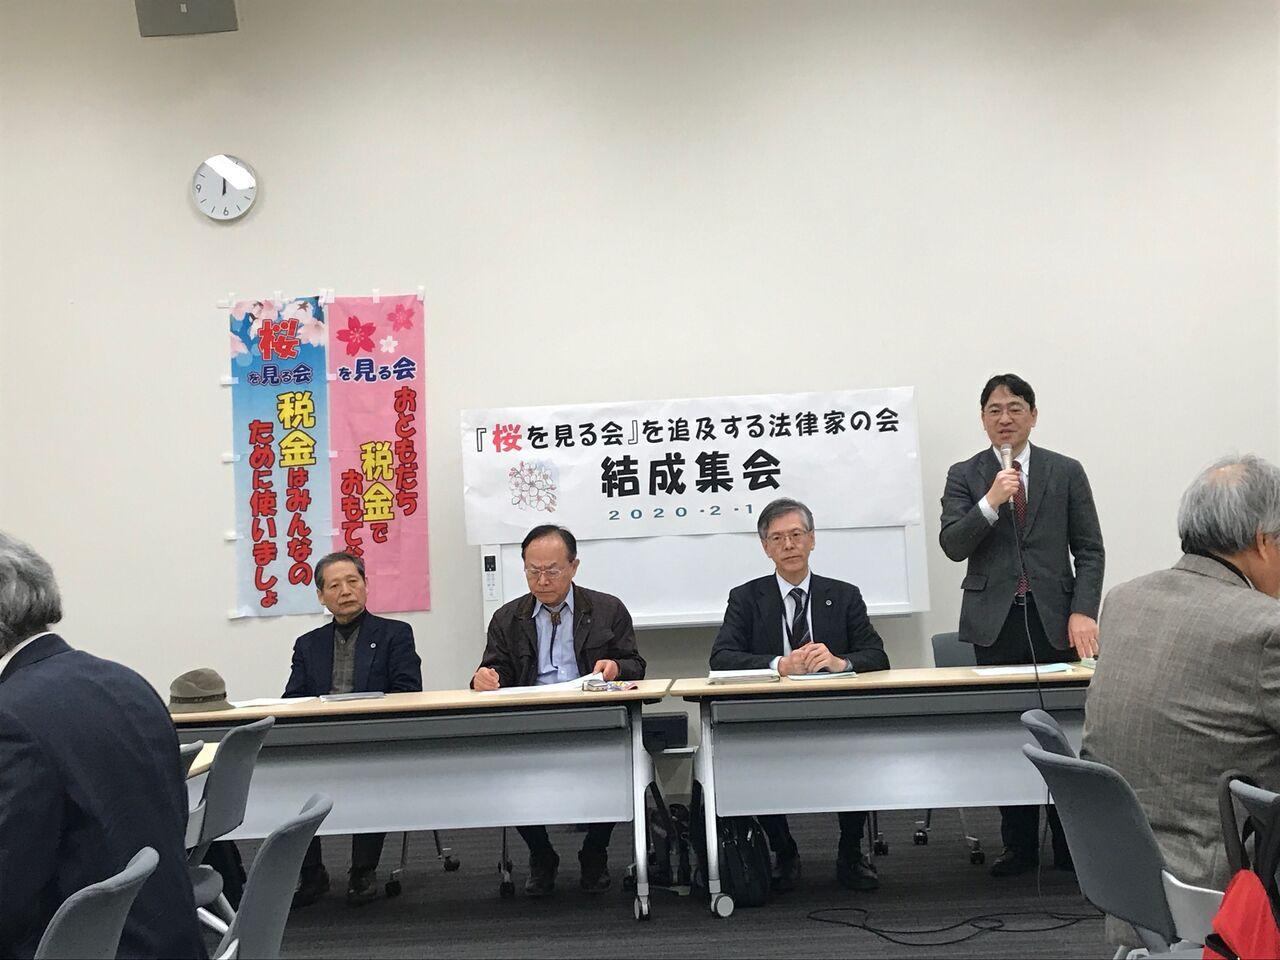 桜を見る会』を追及する法律家の会」が結成! : 東京法律事務所blog